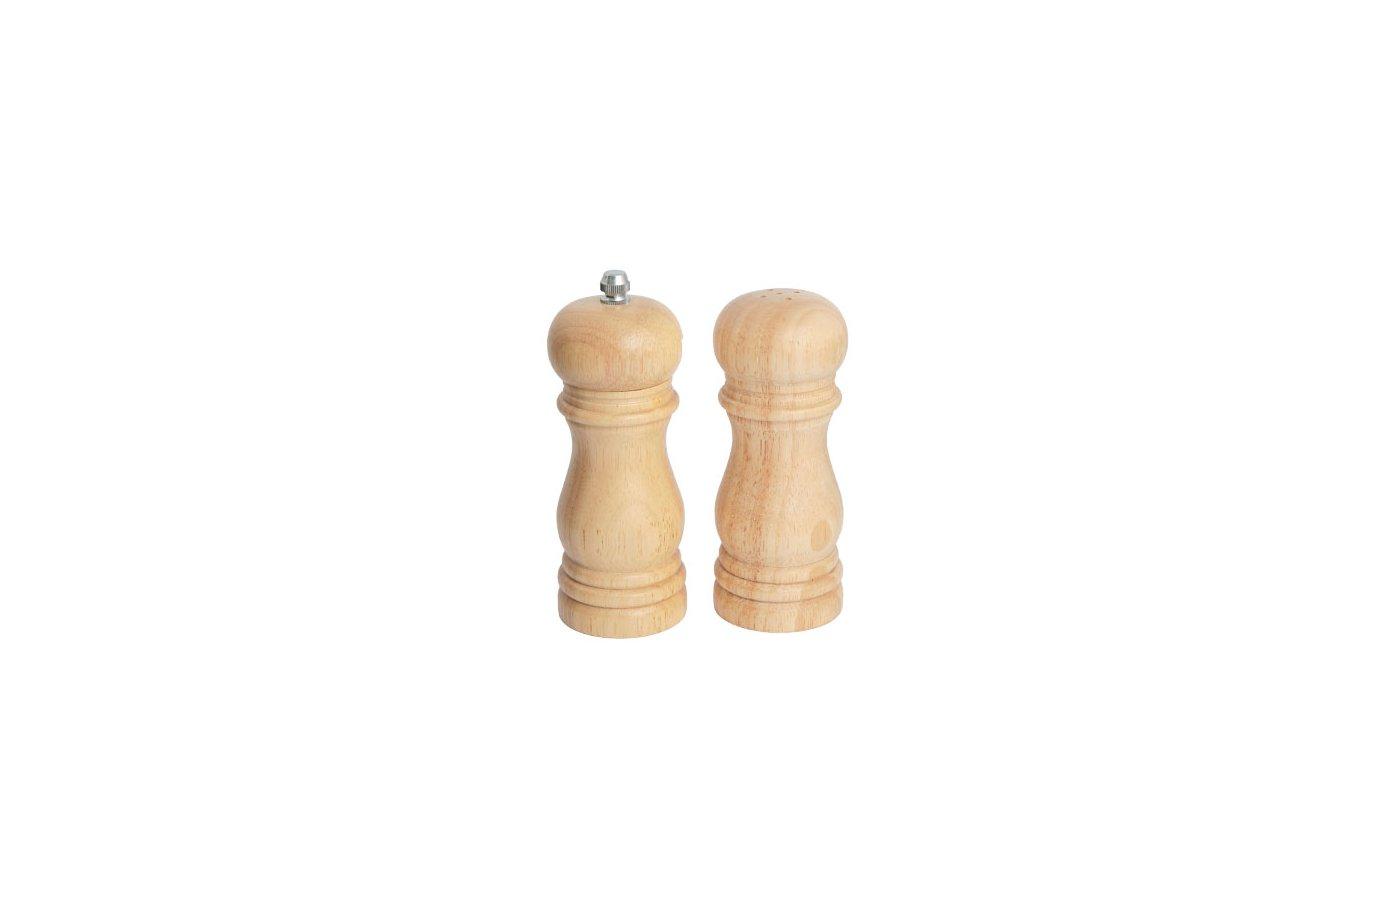 набор для специй VETTA 827-022 Набор для специй 2пр. мельница 16см + солонка 15см деревянный